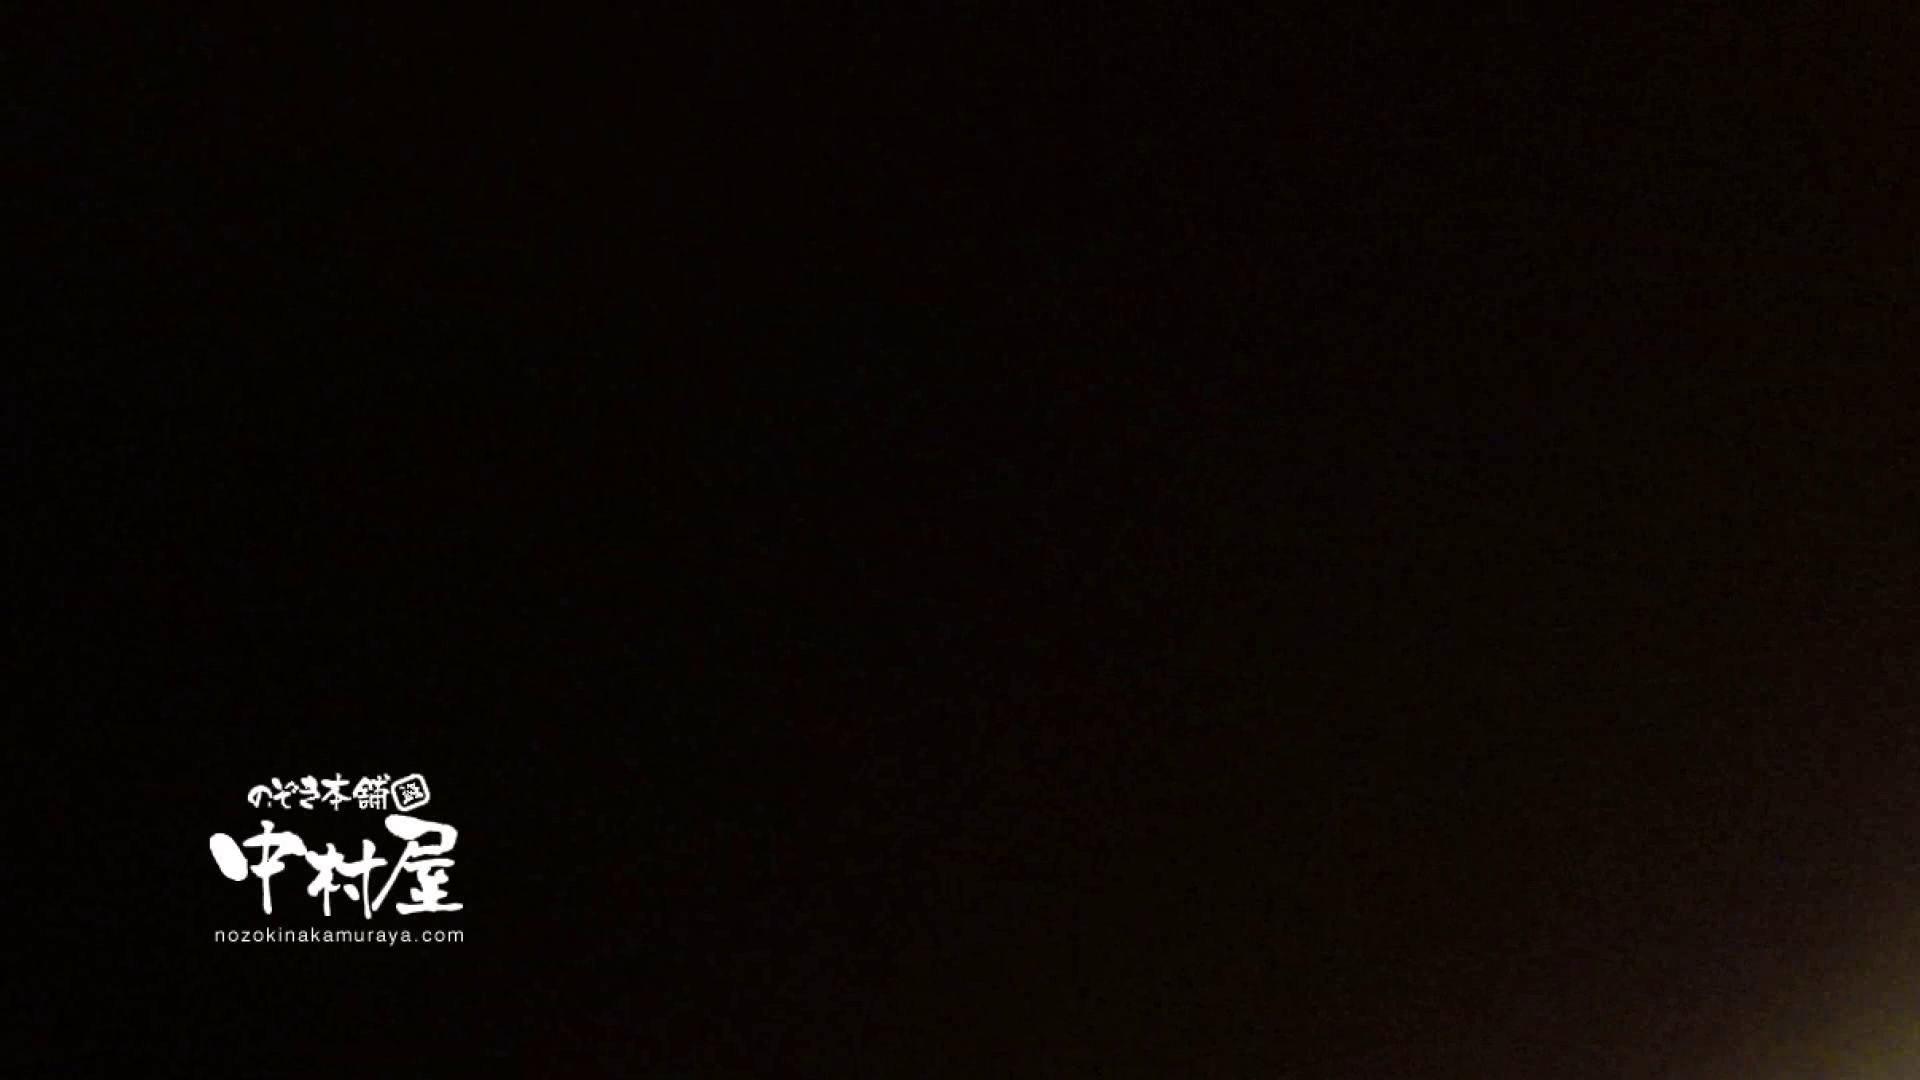 鬼畜 vol.07 パイパンだと?!中出ししてやる! 前編 中出し おめこ無修正画像 102PIX 92